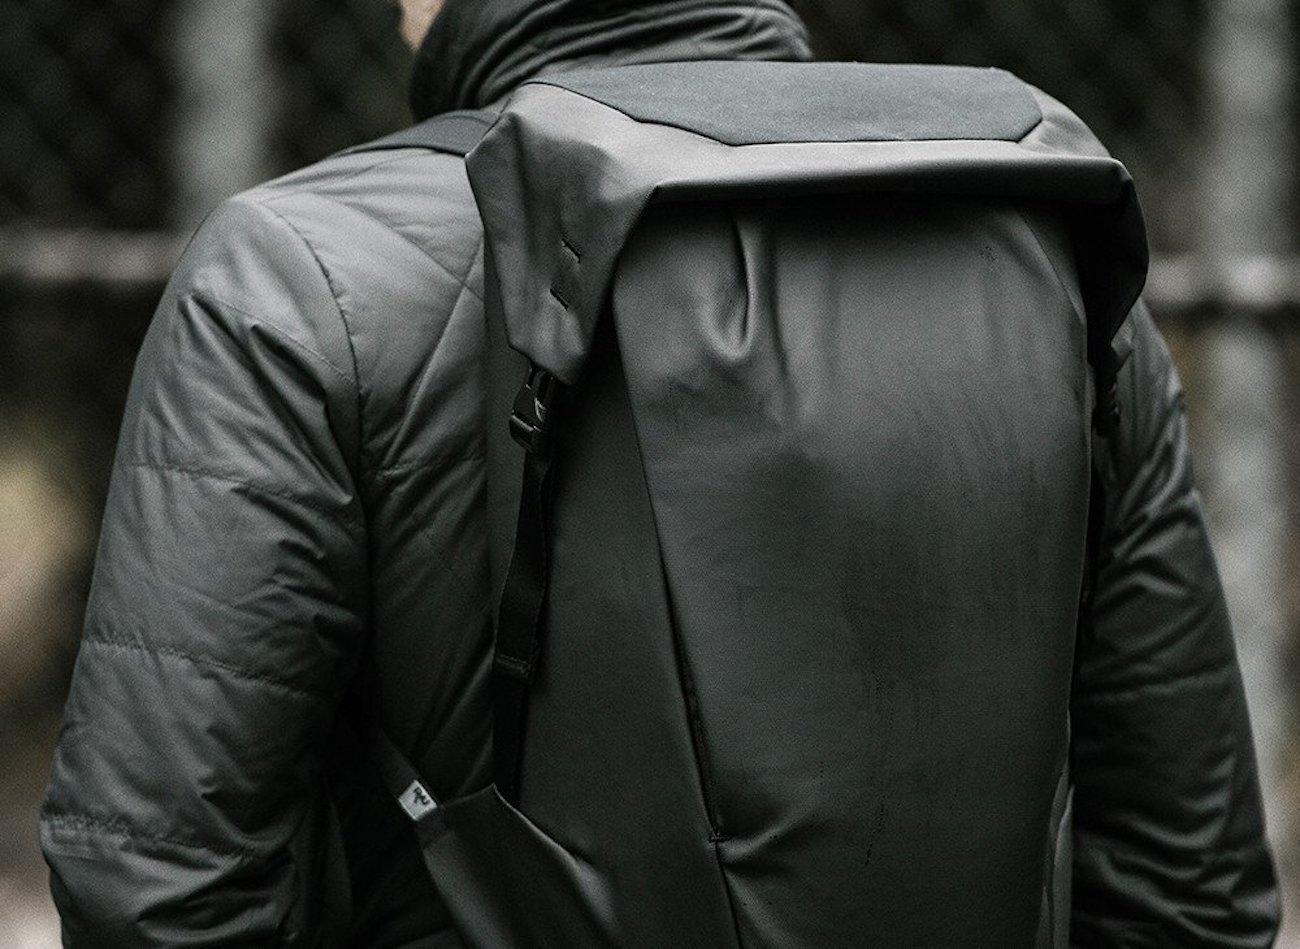 Locker+Pack+Backpack+By+RYU